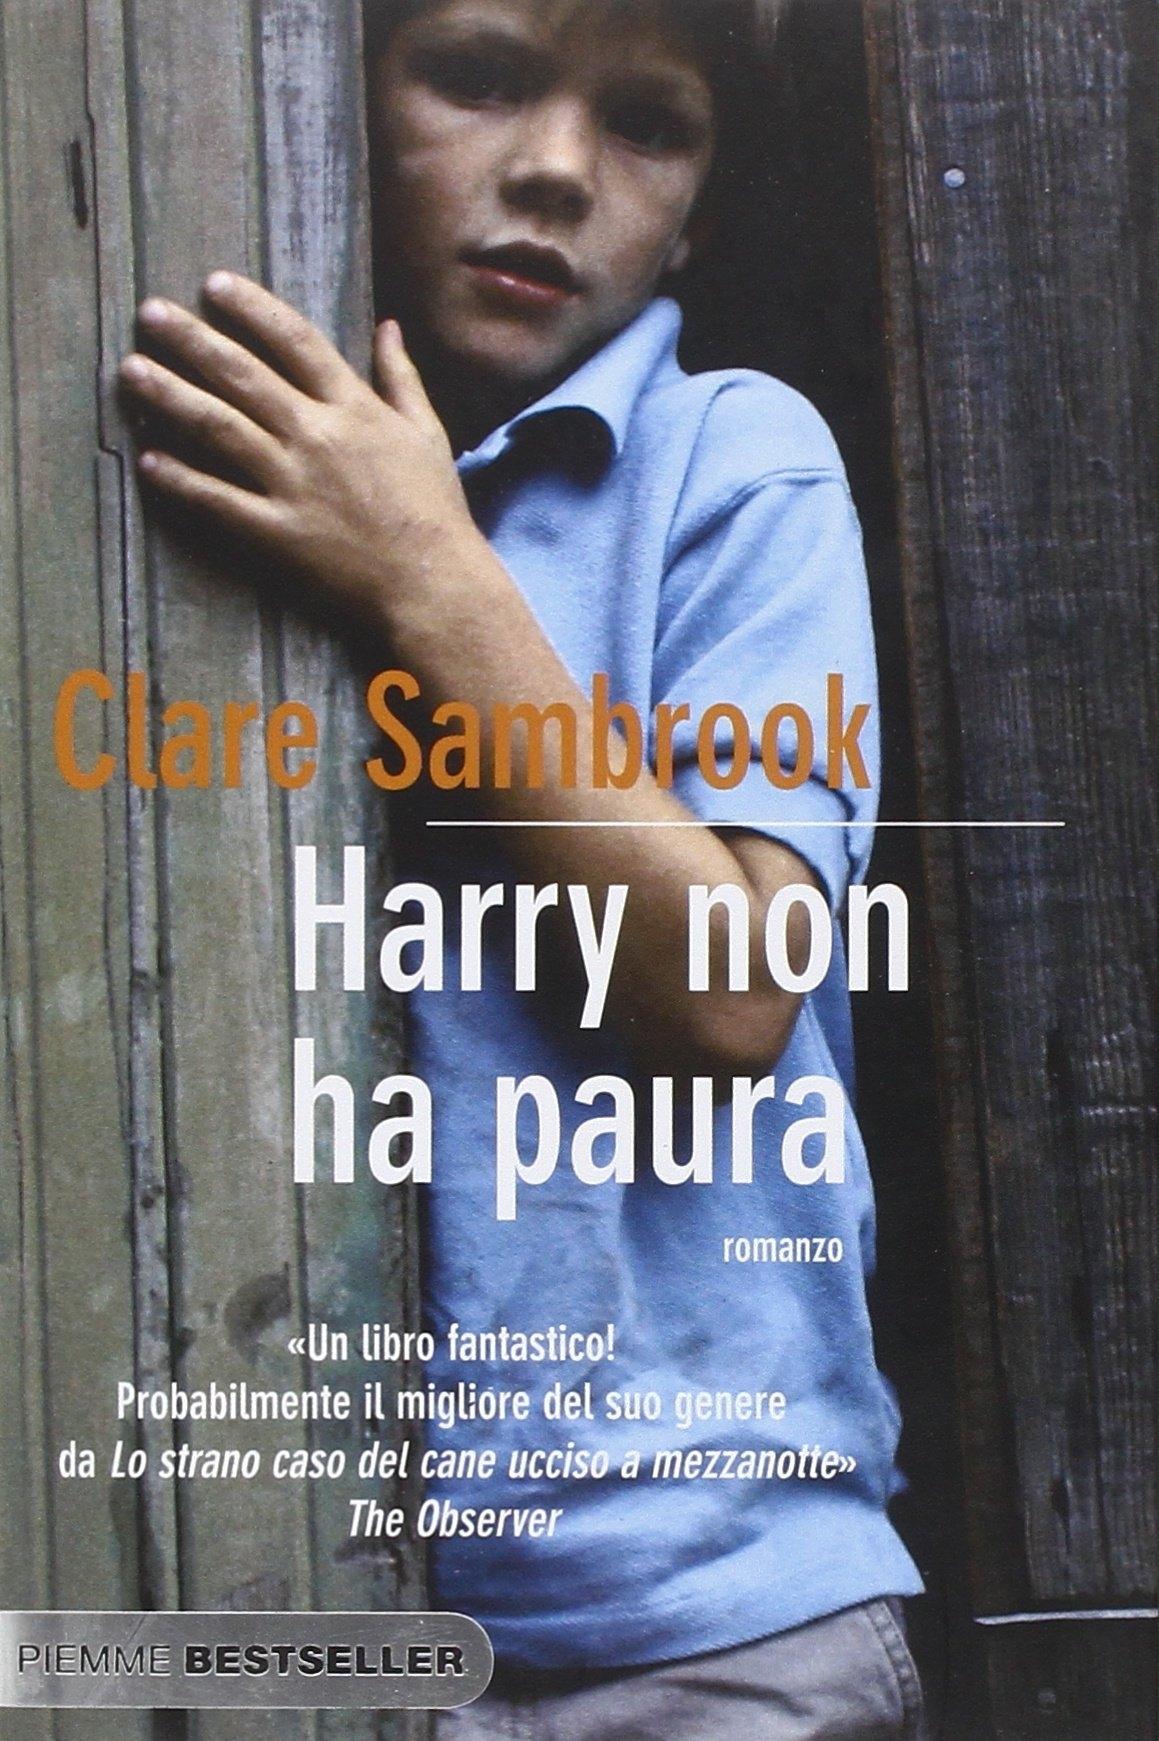 Harry non ha paura - Sambrook, Clare